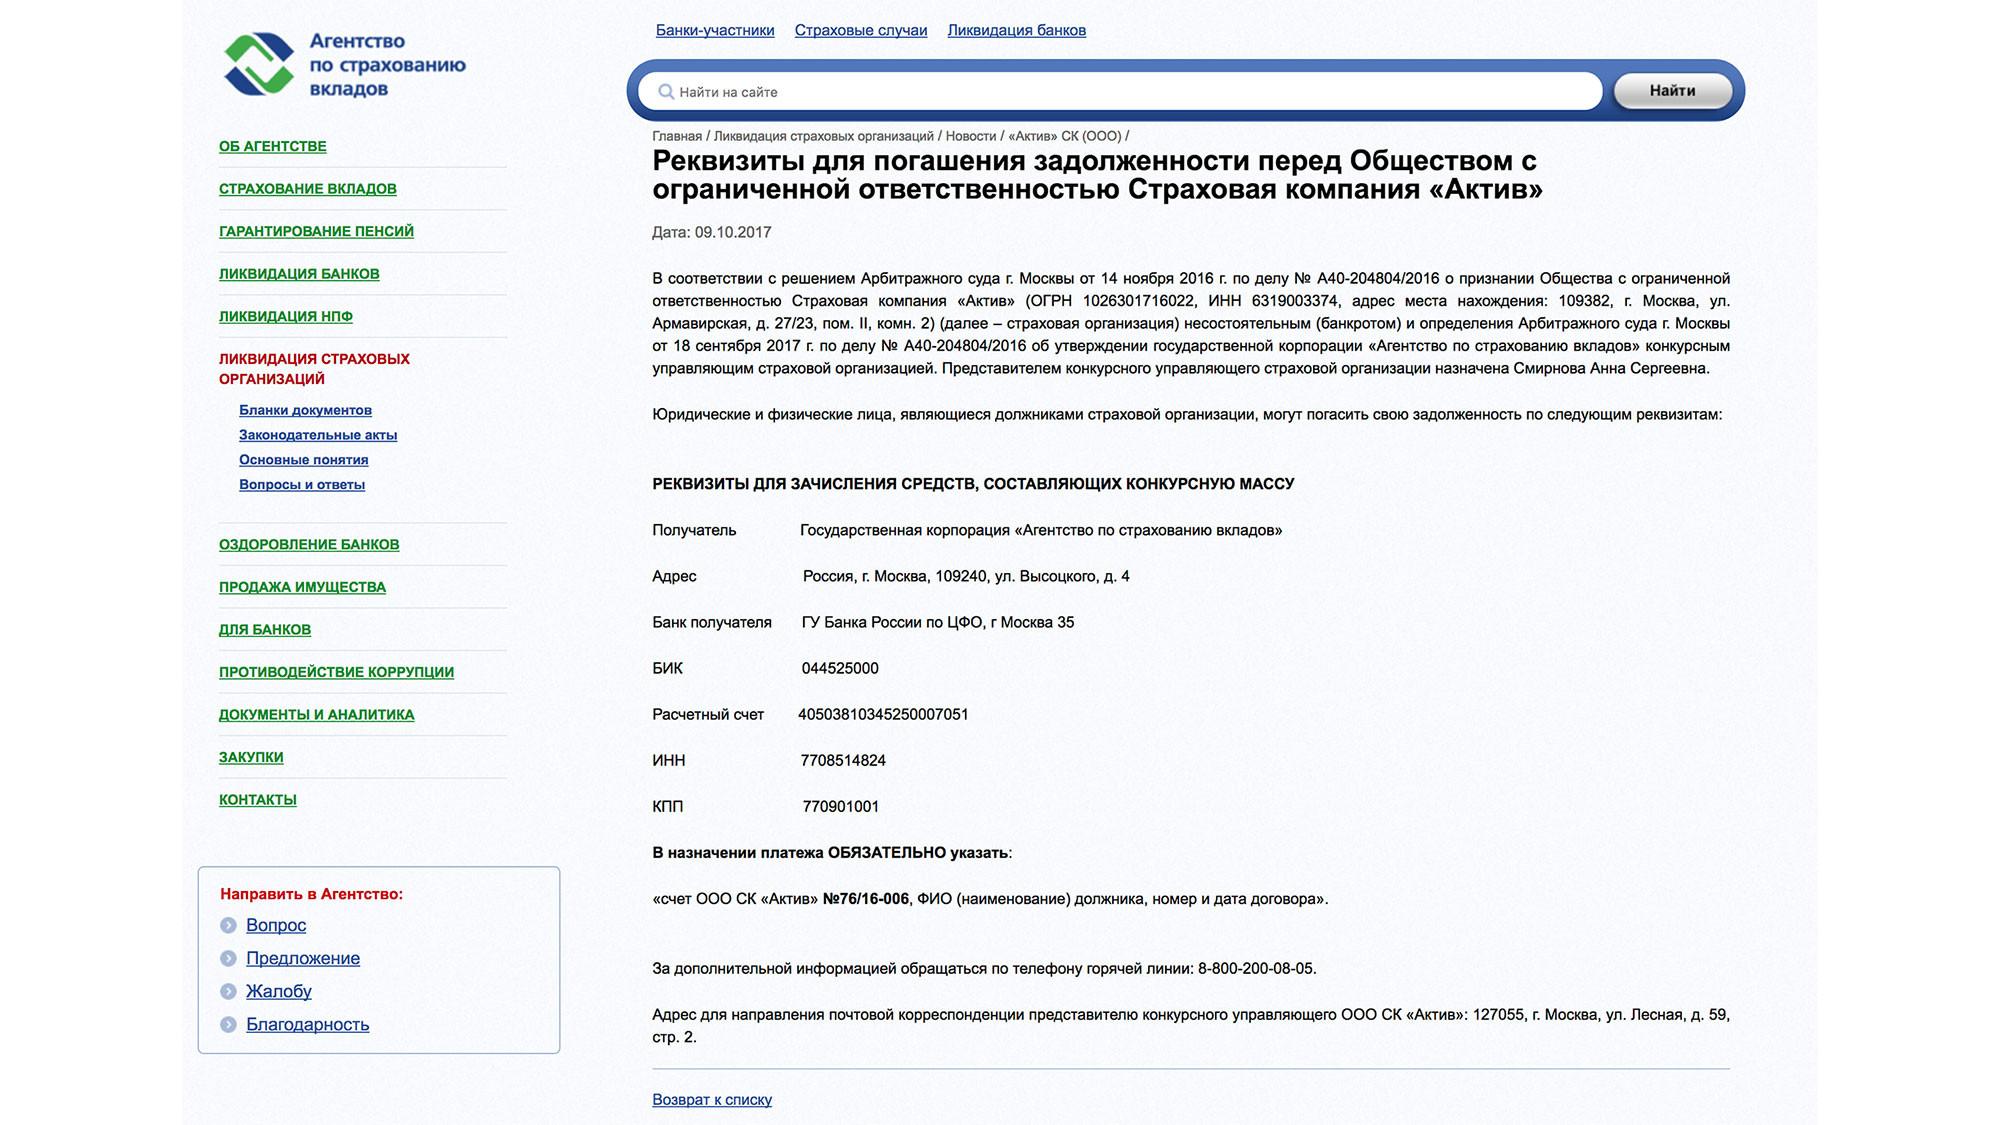 """<p>Фото: &copy; <a href=""""https://www.asv.org.ru/liquidation-sk/news/496938/"""" target=""""_blank"""">asv.org.ru</a></p>"""